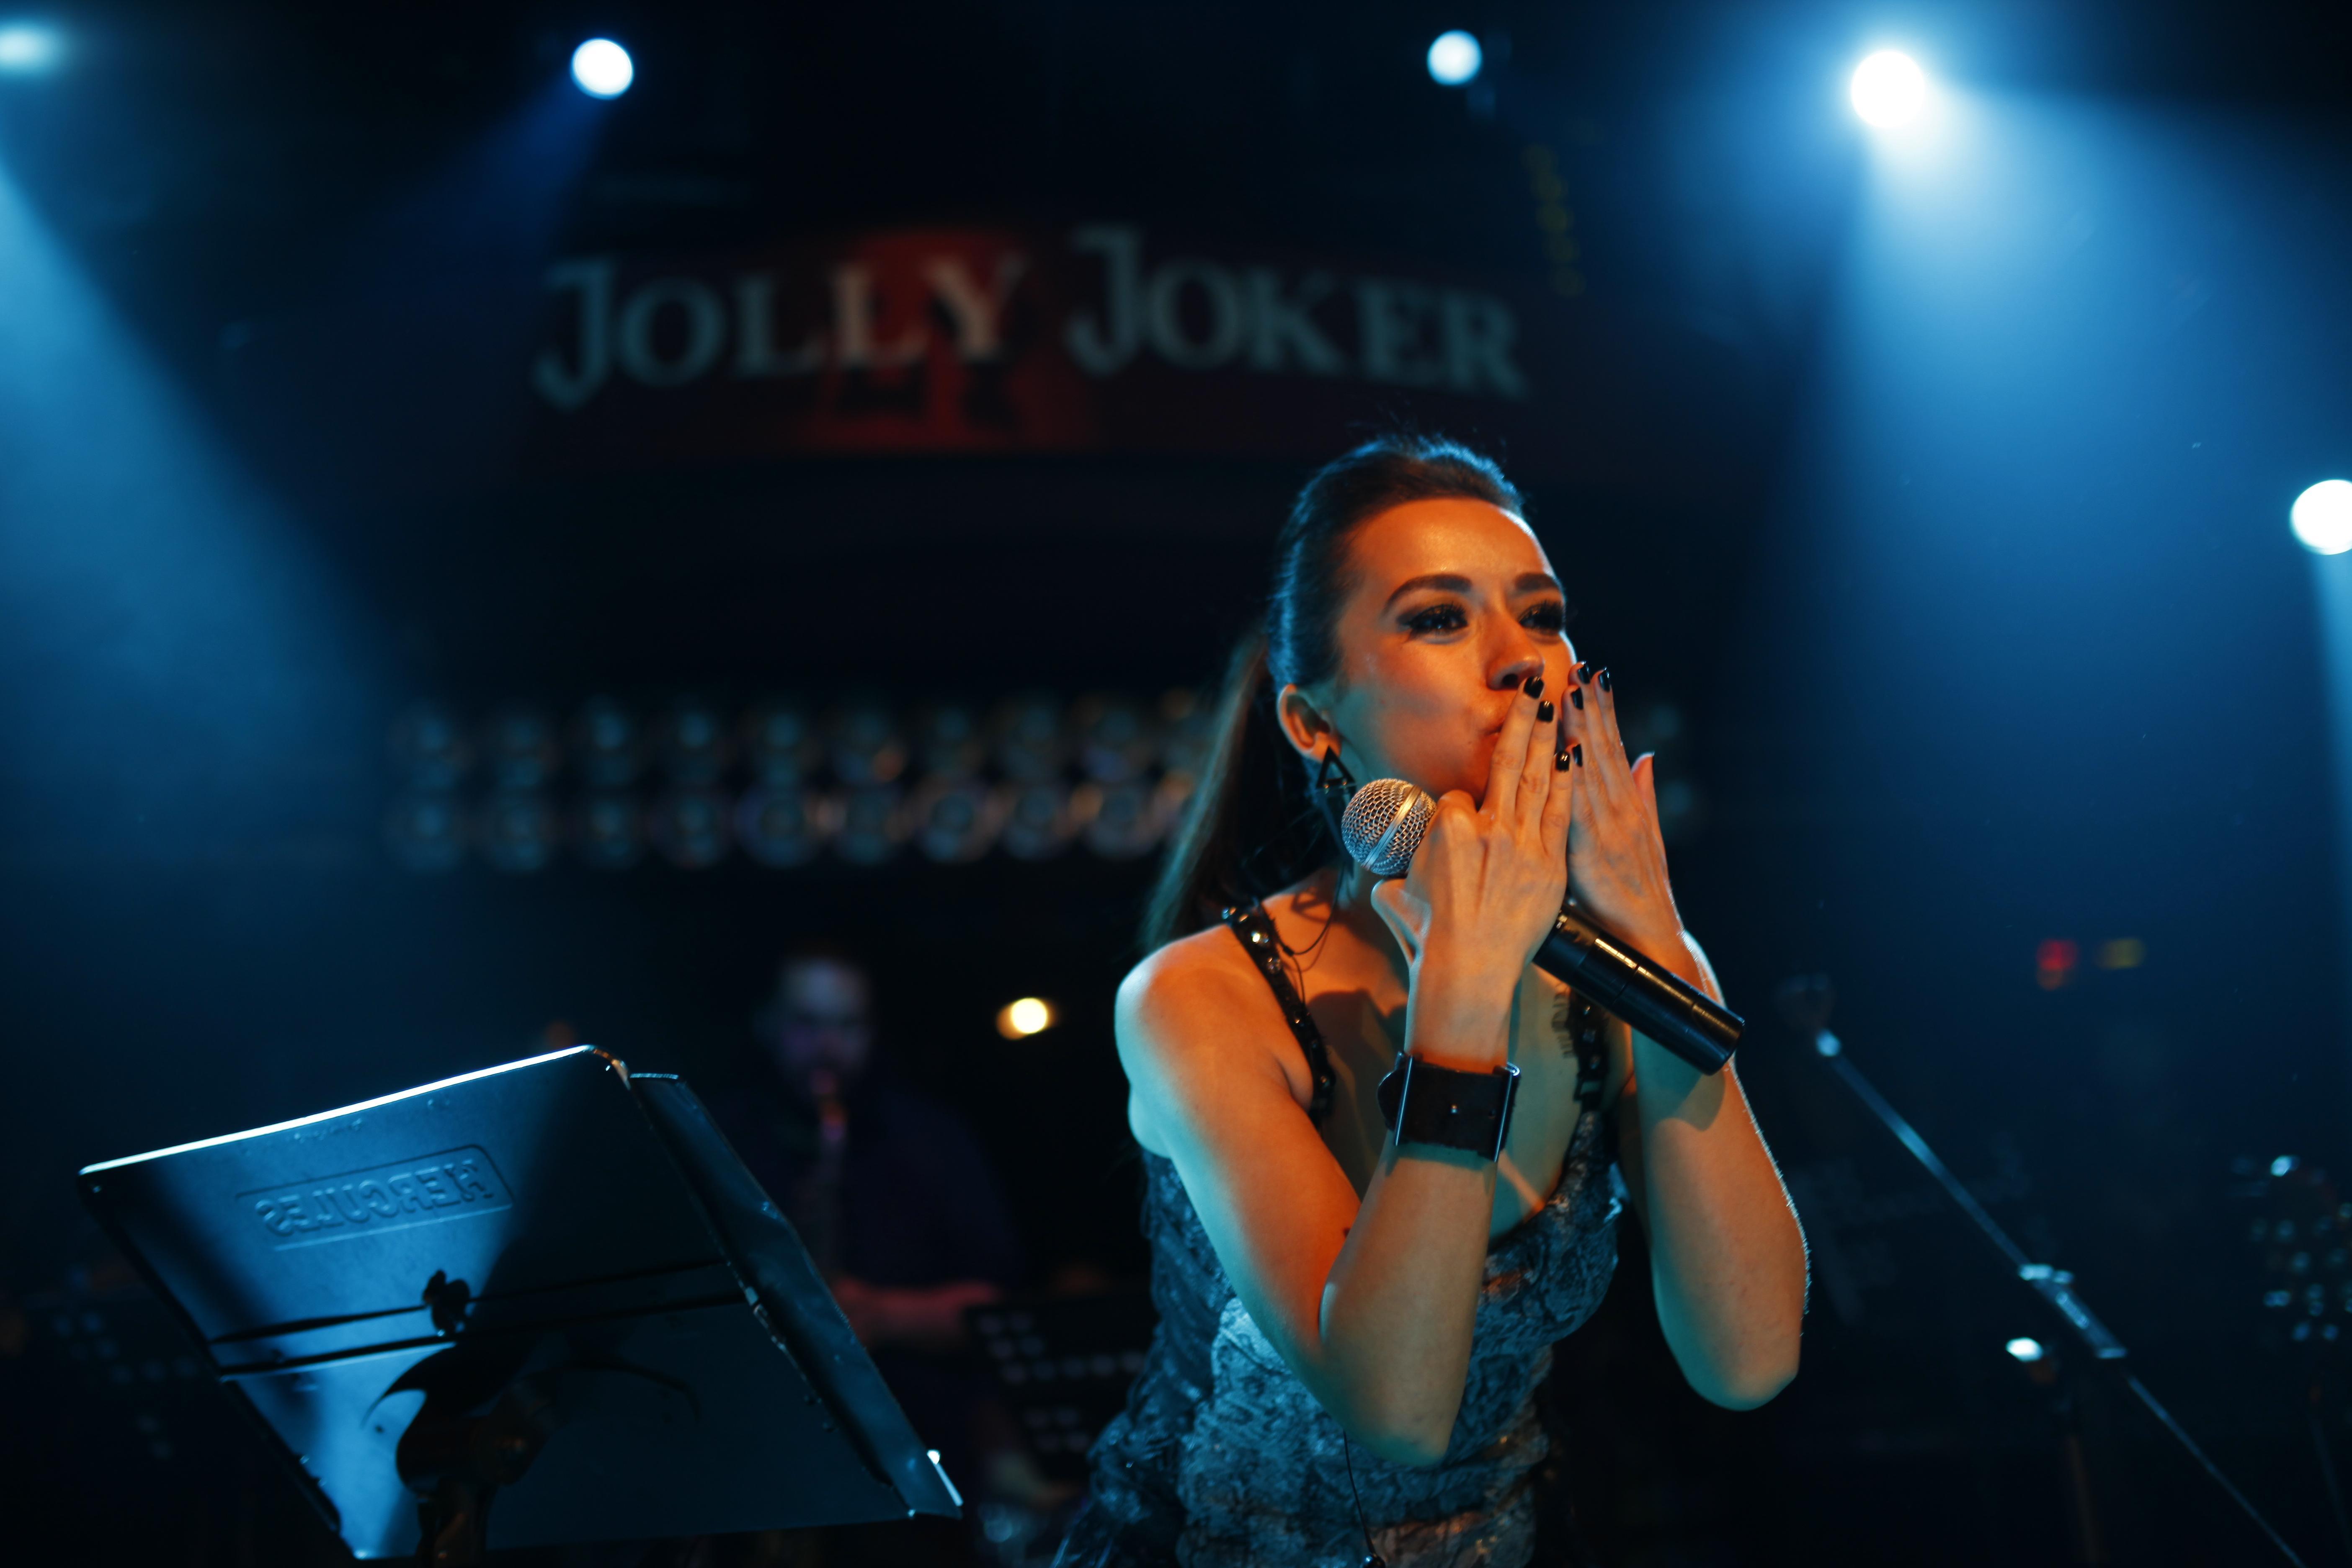 Aleyna Tilki Cevapsız Çınlama Şarkı Sözü (Kulağımda Sayısız Cevapsız Çınlama)